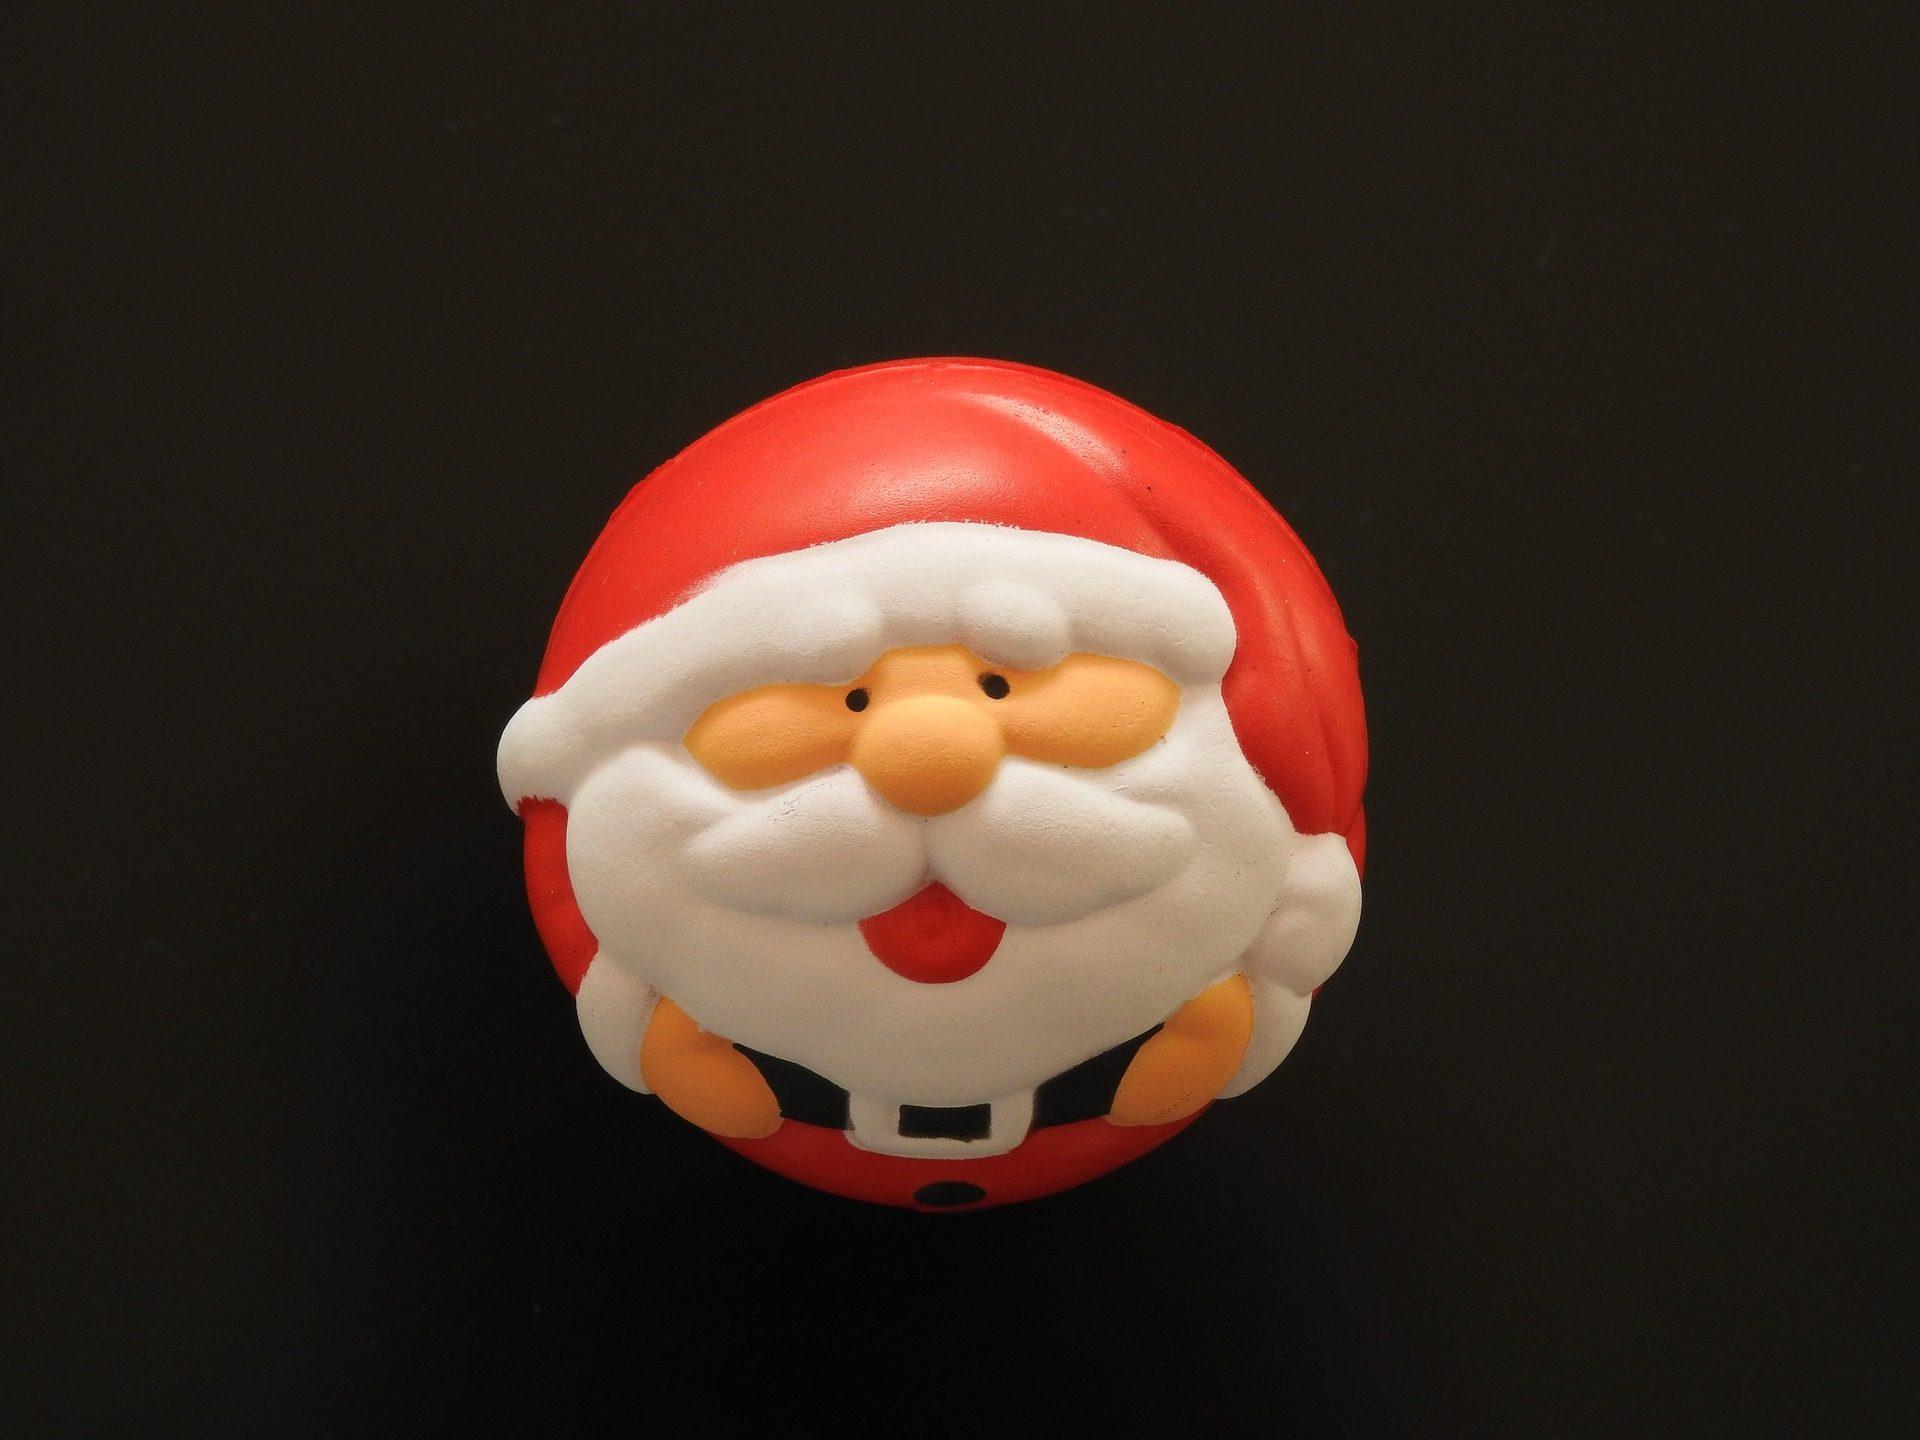 Figura, Brinquedo, Papai noel, santa claus, Natal - Papéis de parede HD - Professor-falken.com